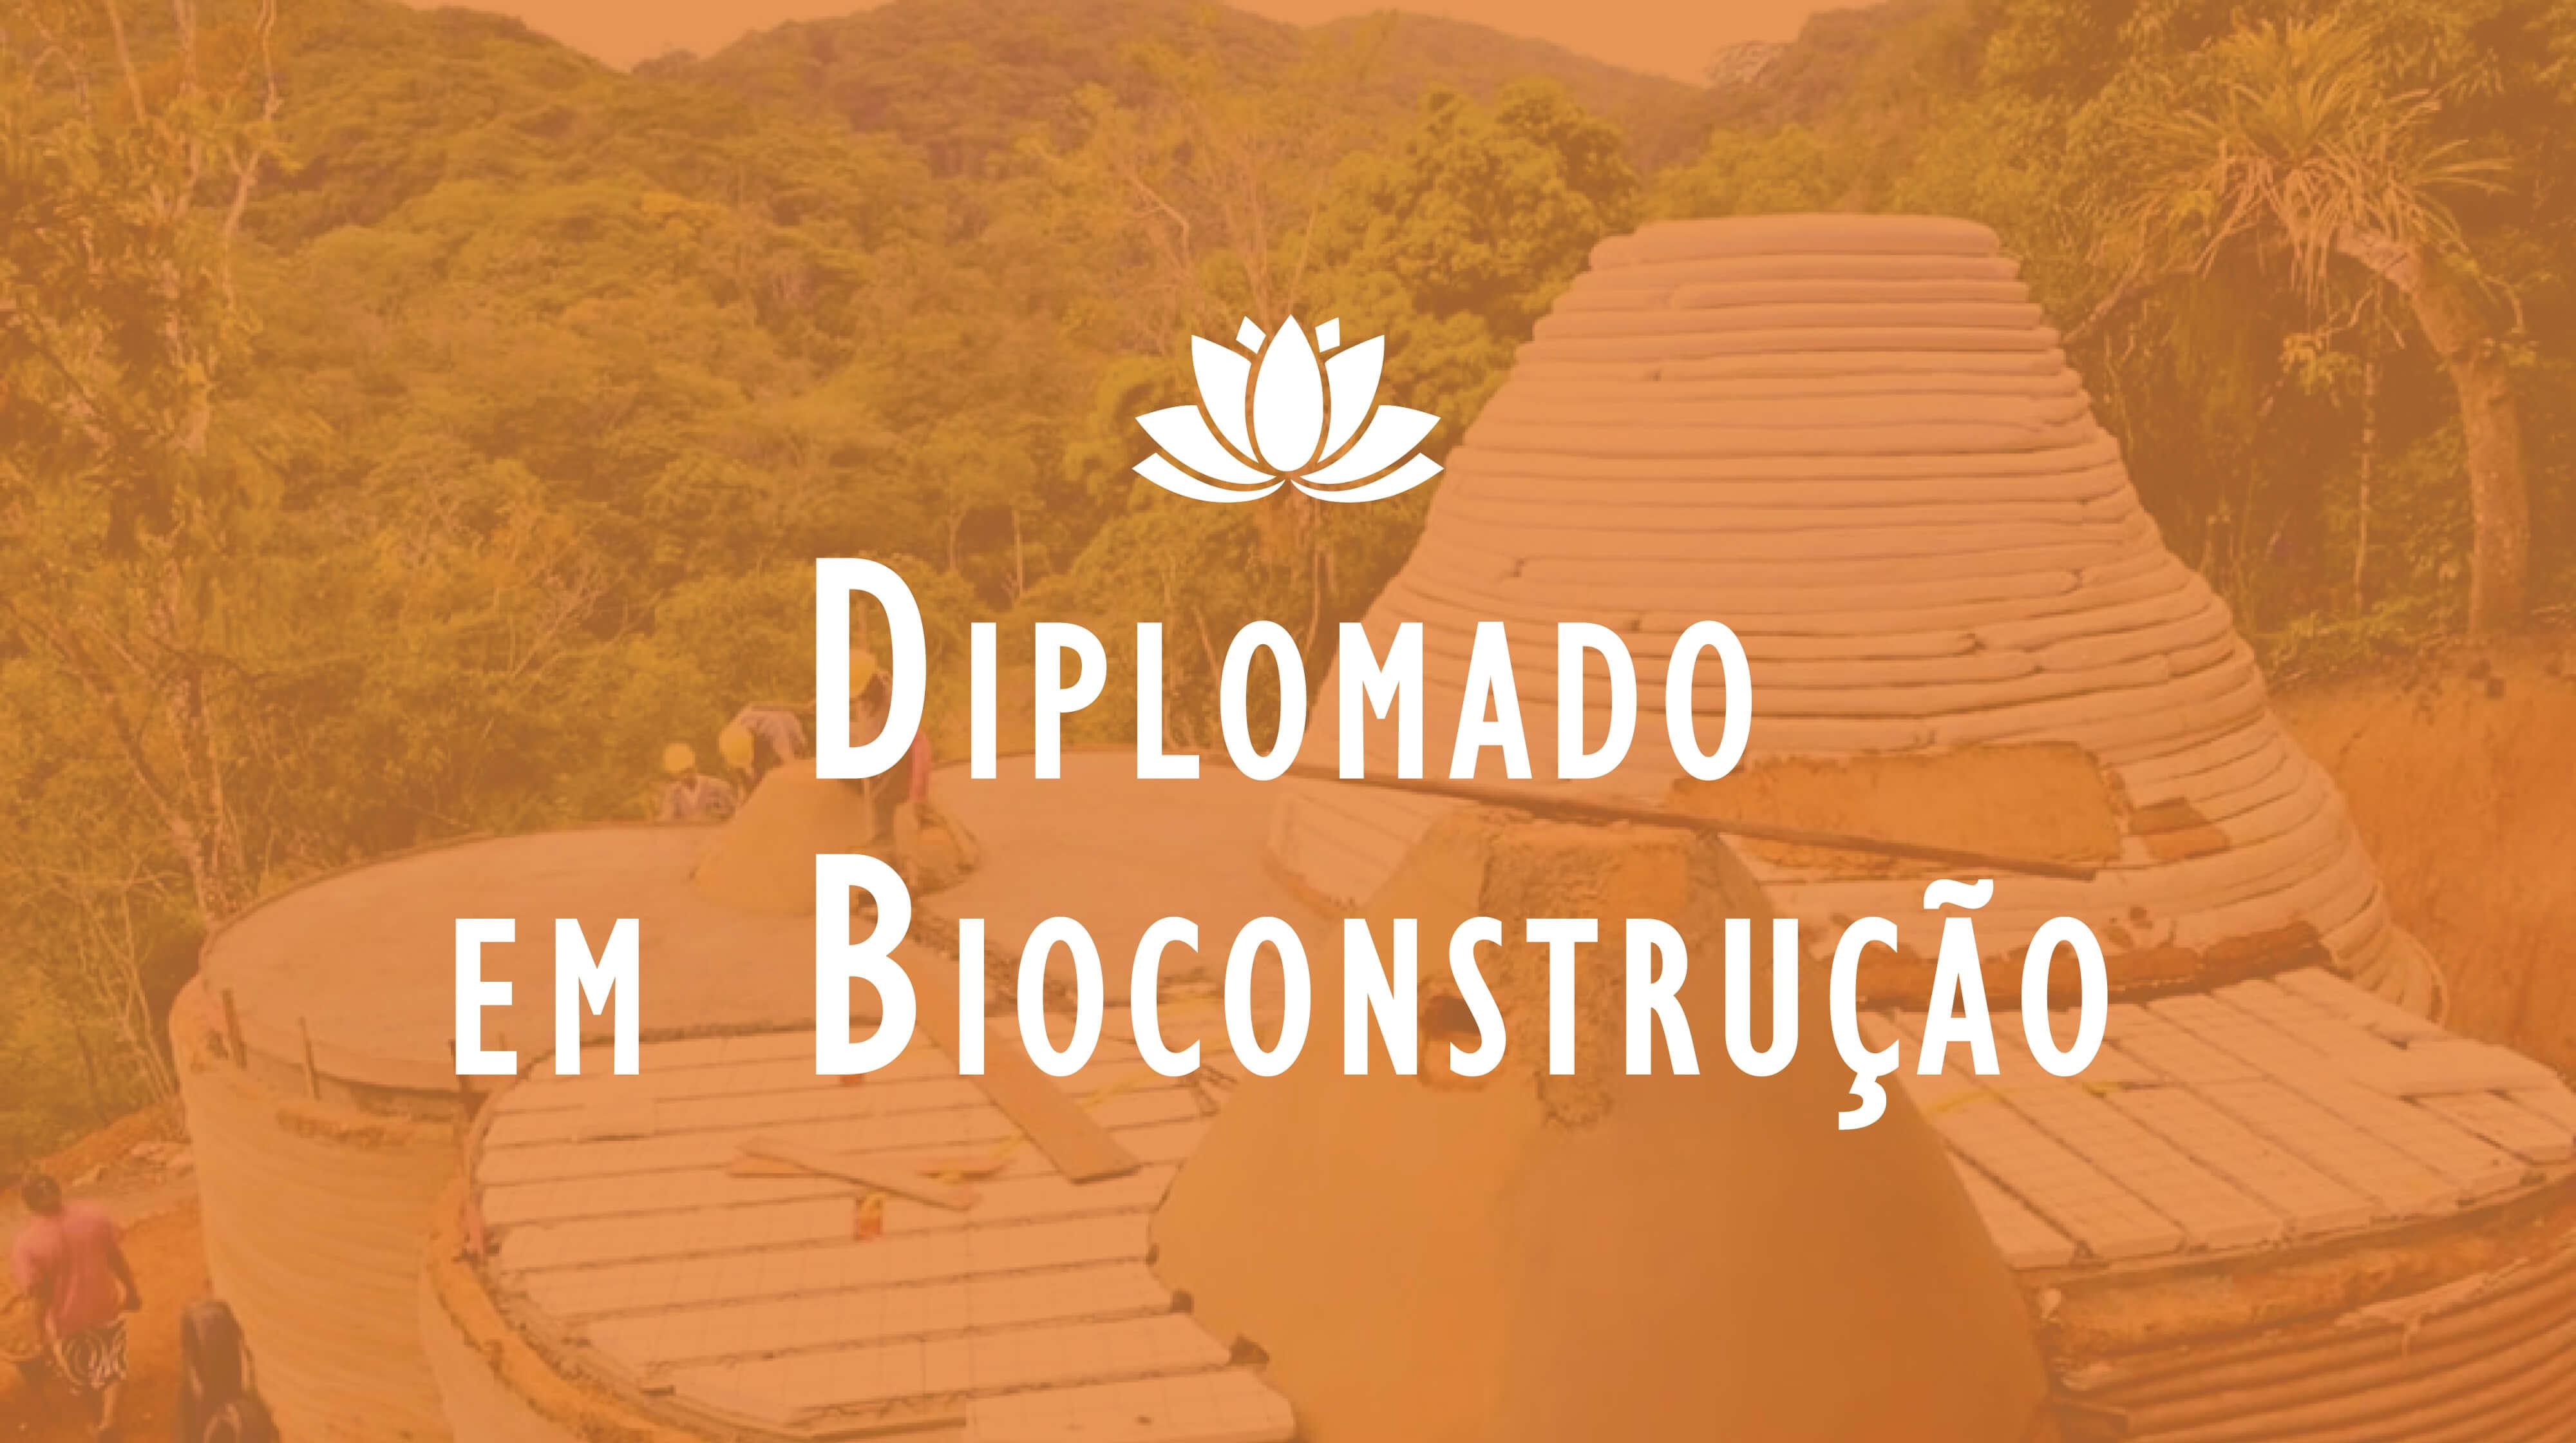 Bioconstrucao